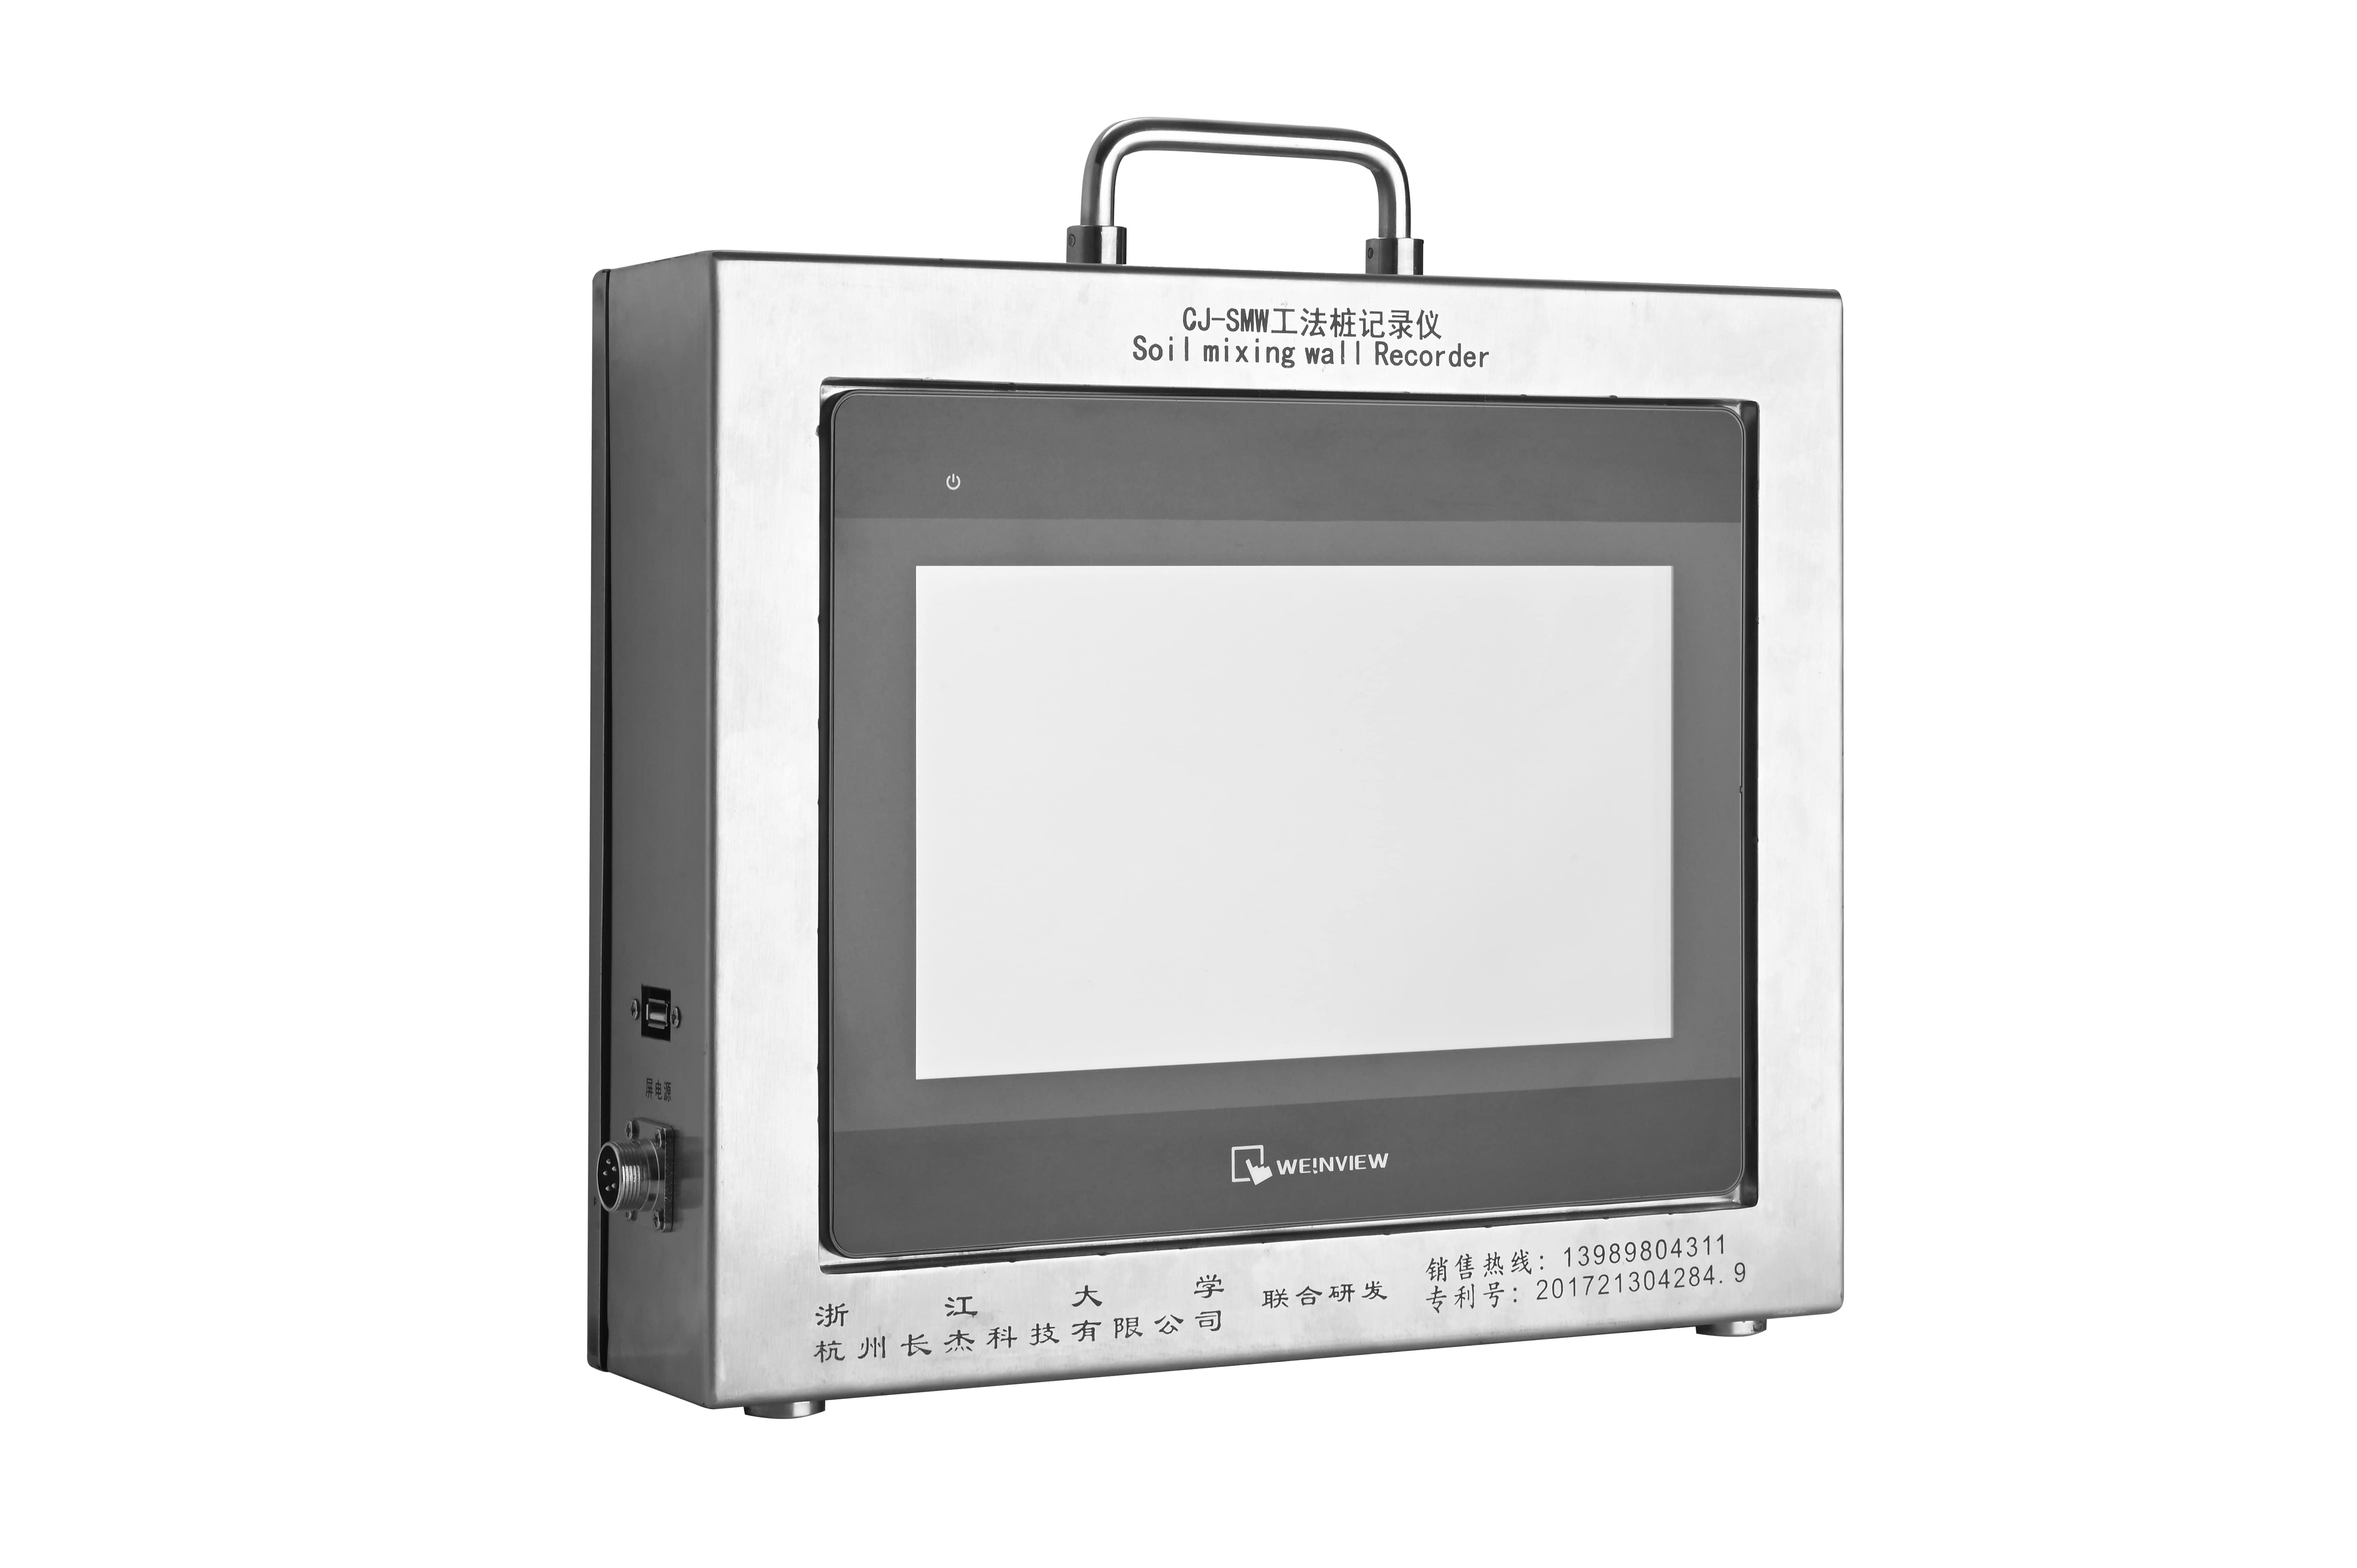 工法桩SMW三轴搅拌桩记录仪  搅拌桩记录仪